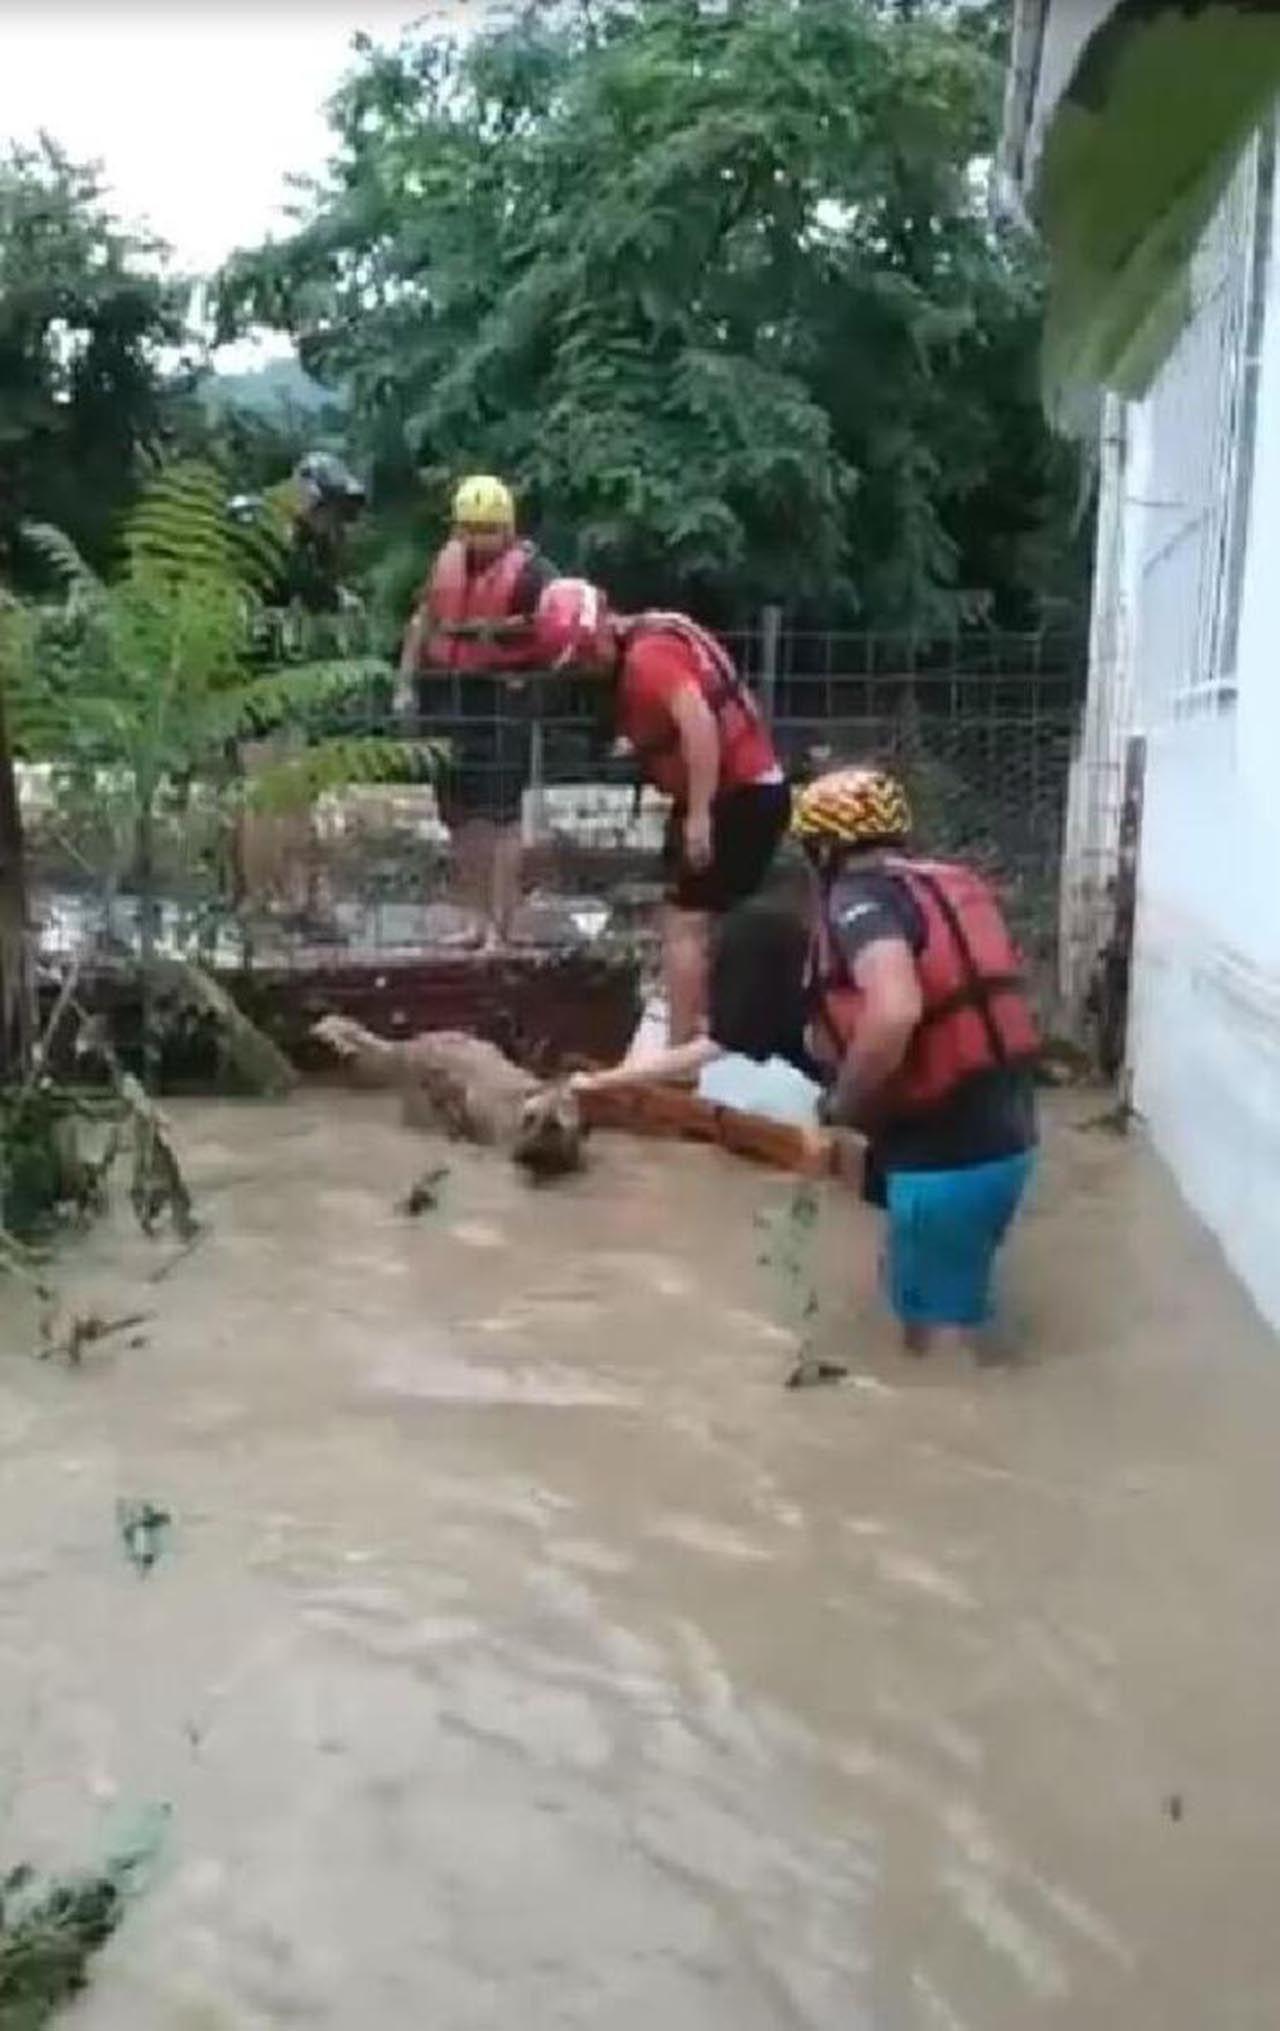 Artvin'deki sel felaketinden yeni görüntü! Gözyaşlarına boğuldu - Resim: 1